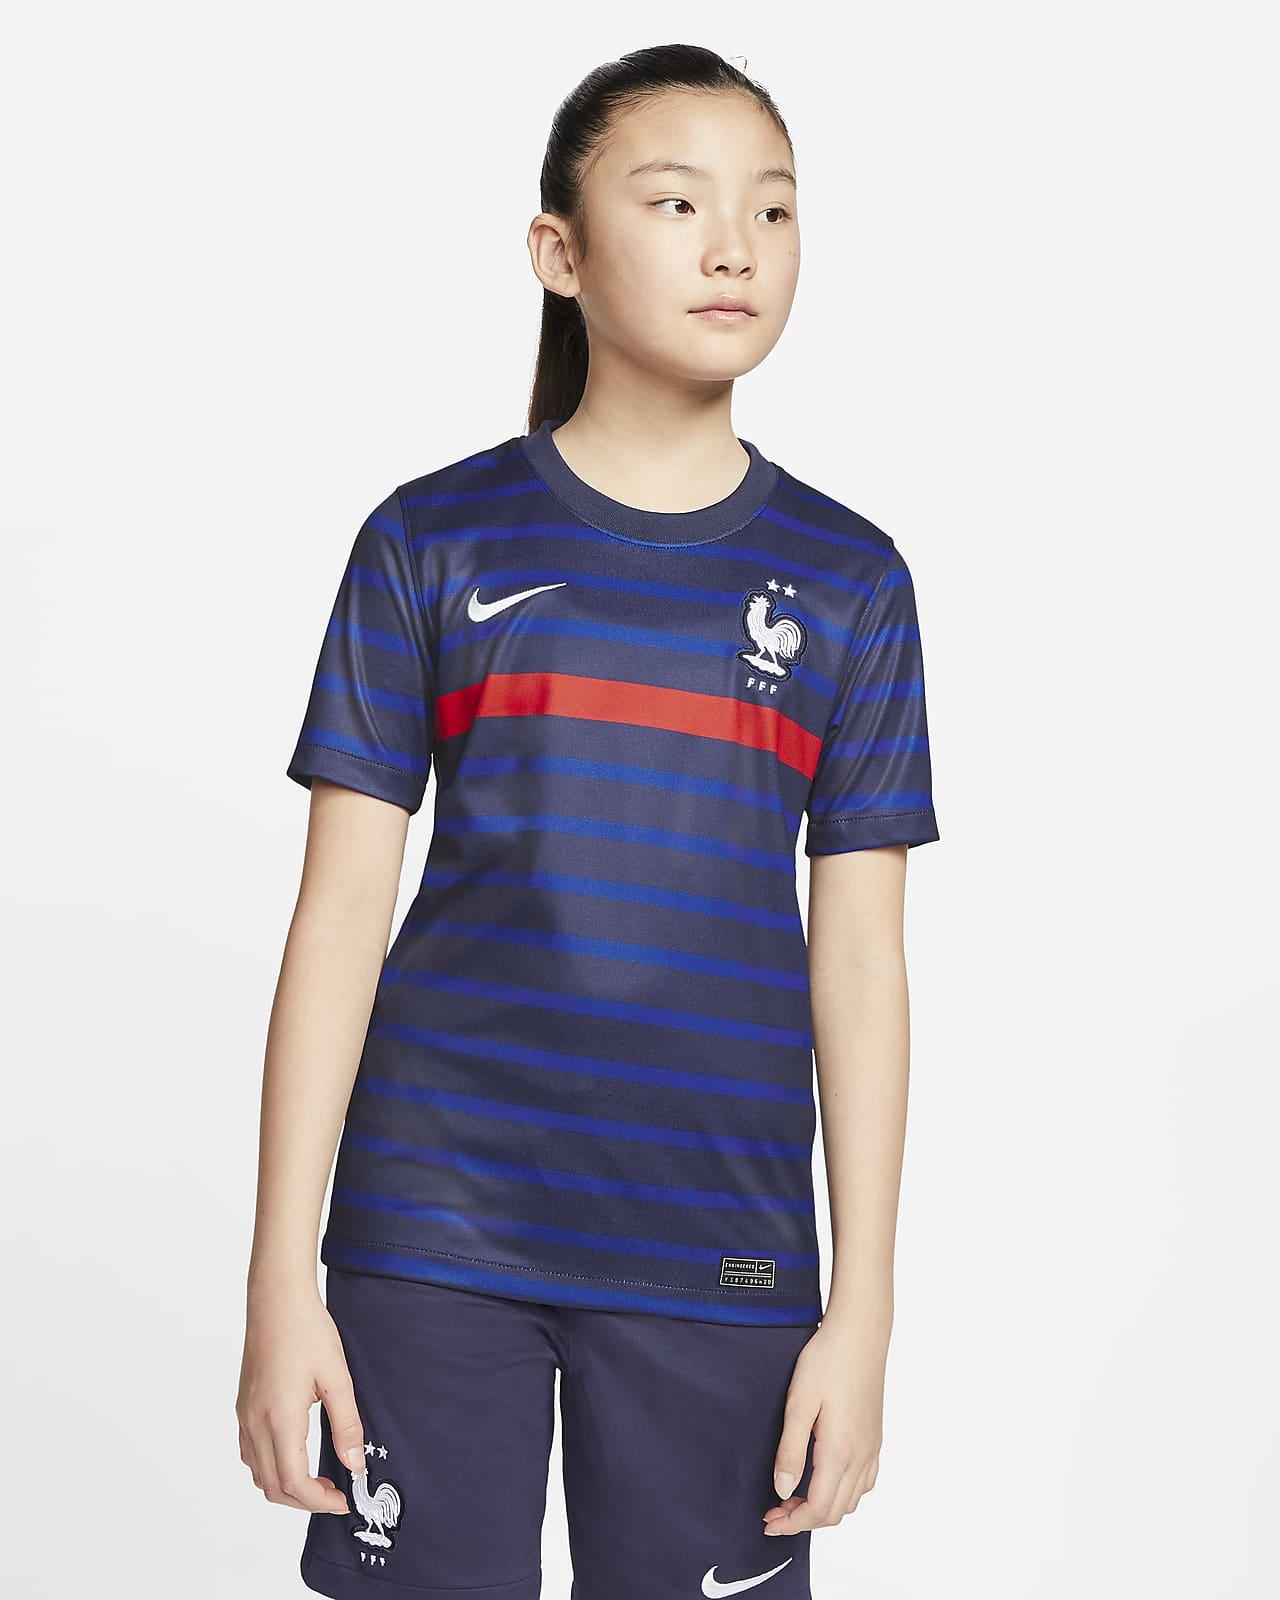 FFF 2020 Stadium Home Older Kids' Football Shirt